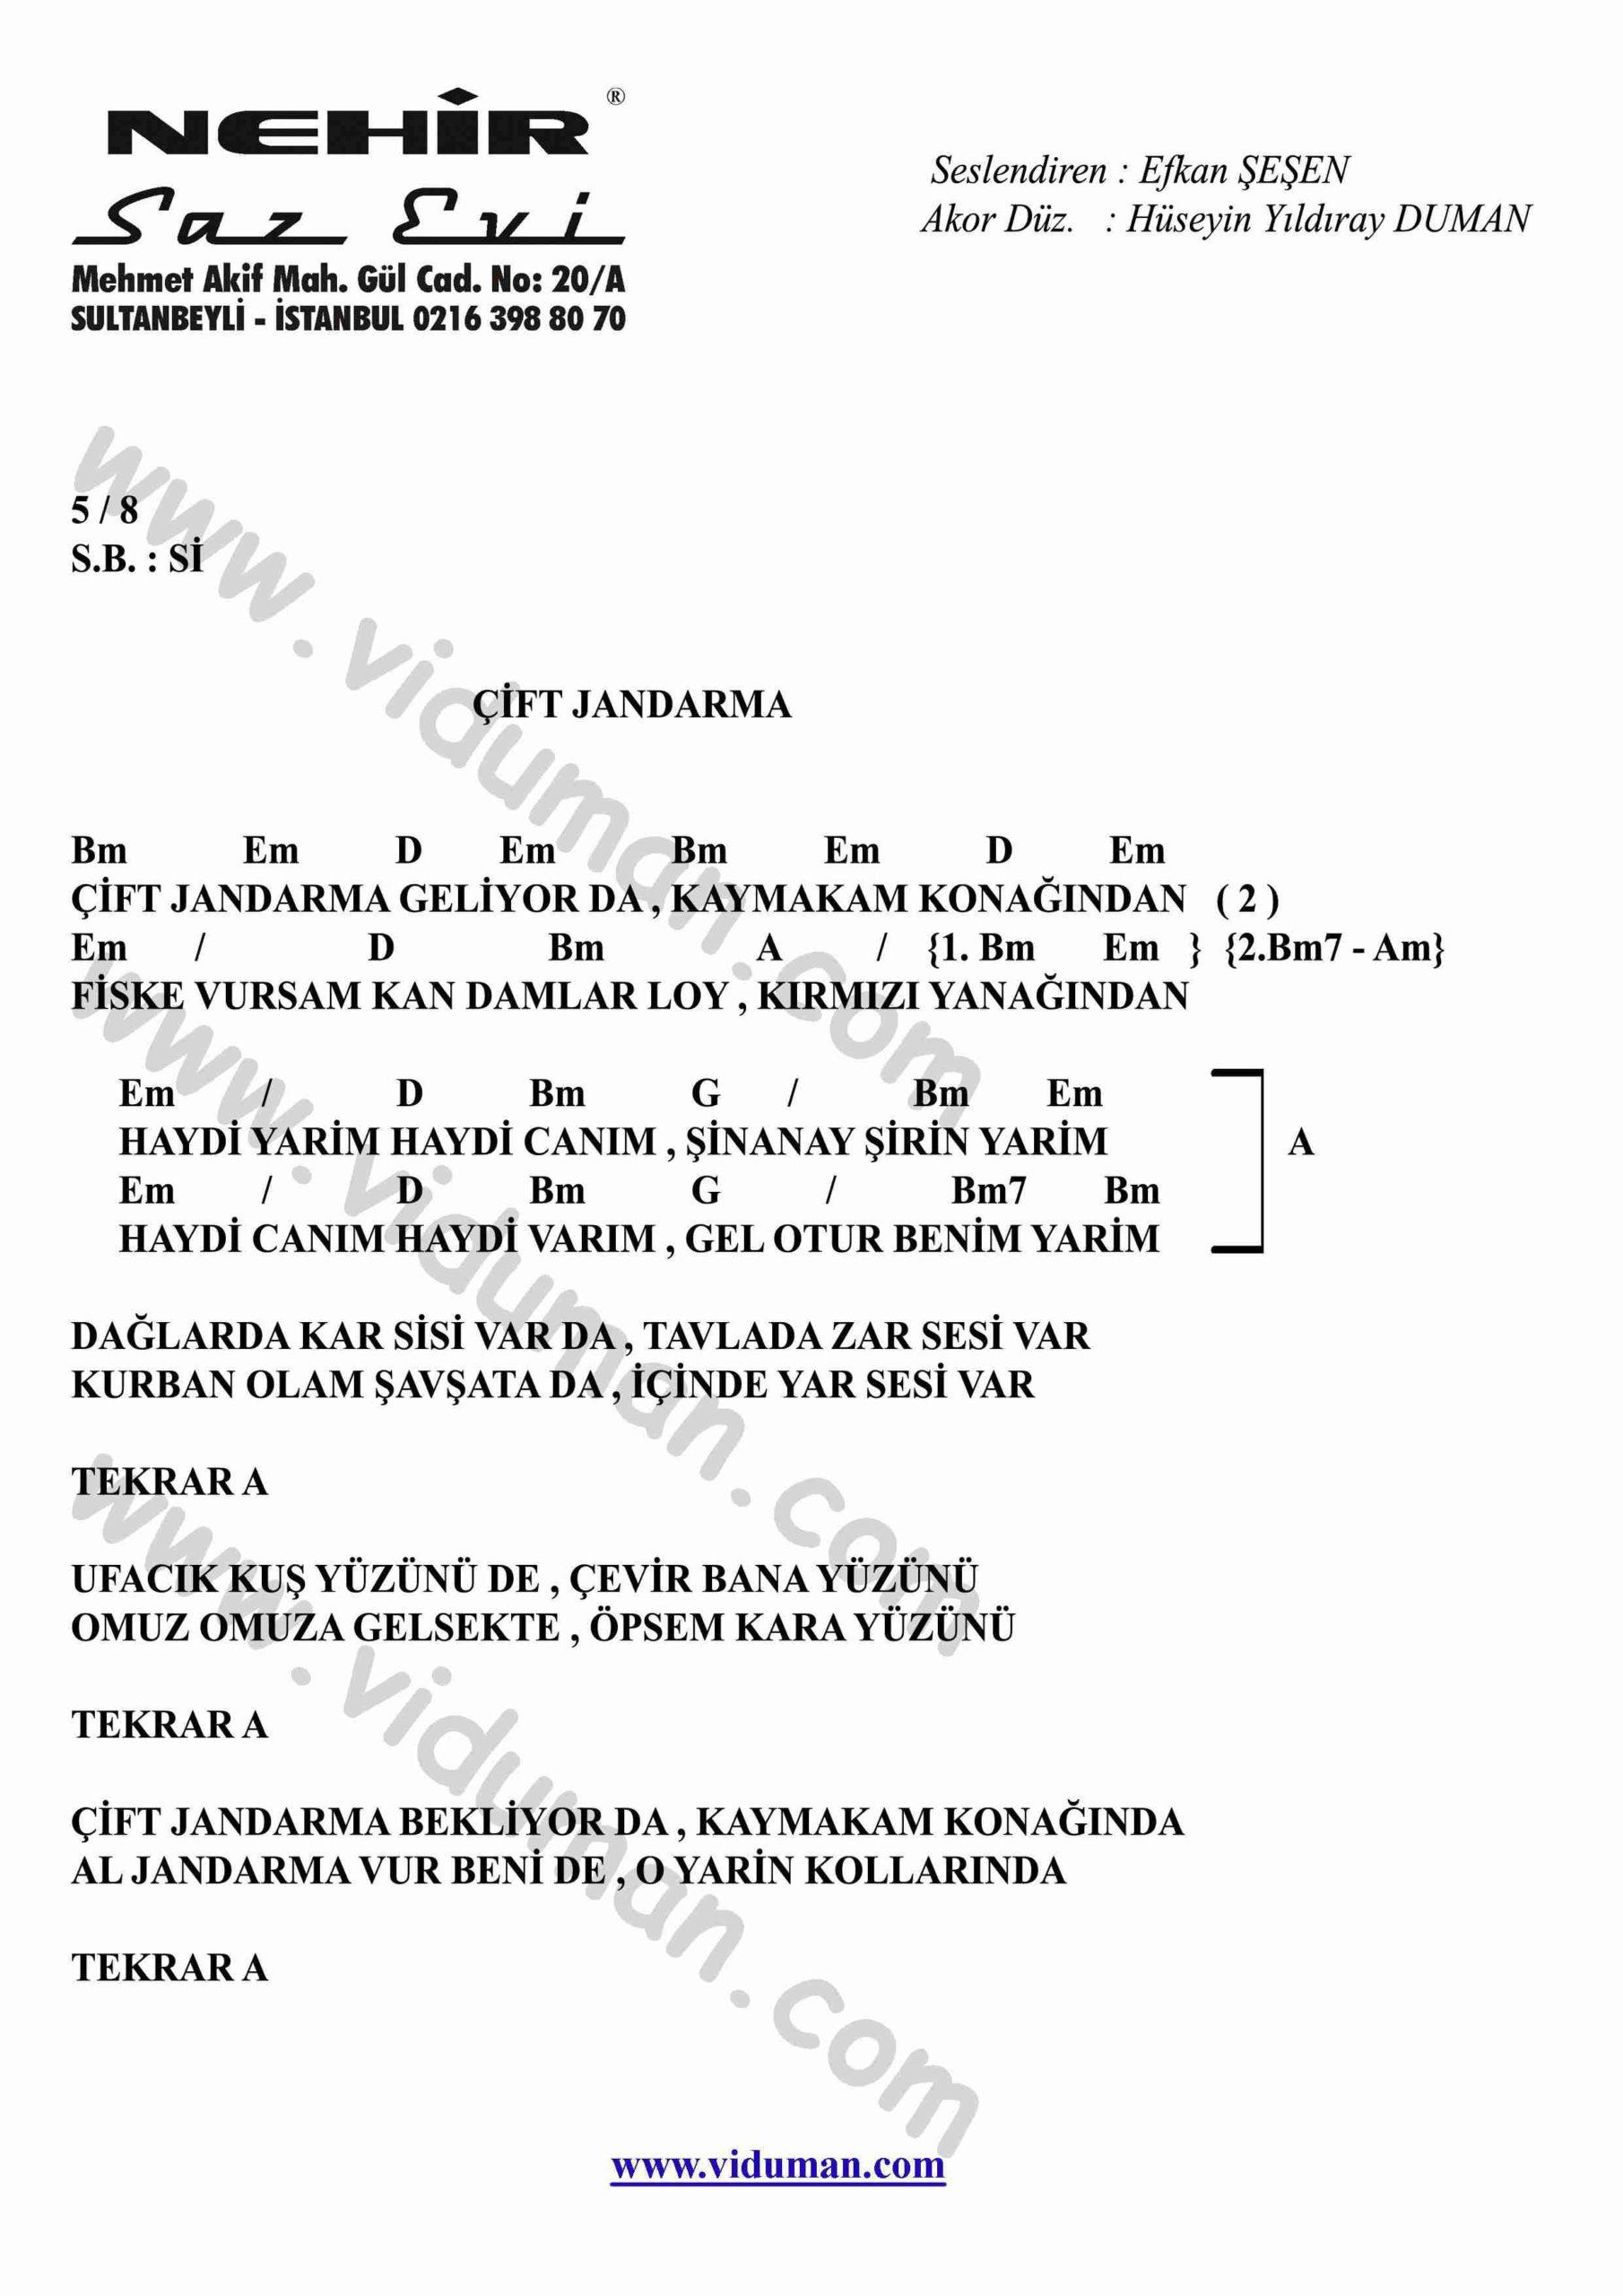 Cift Jandarma-Gitar-Ritim-Akorlari